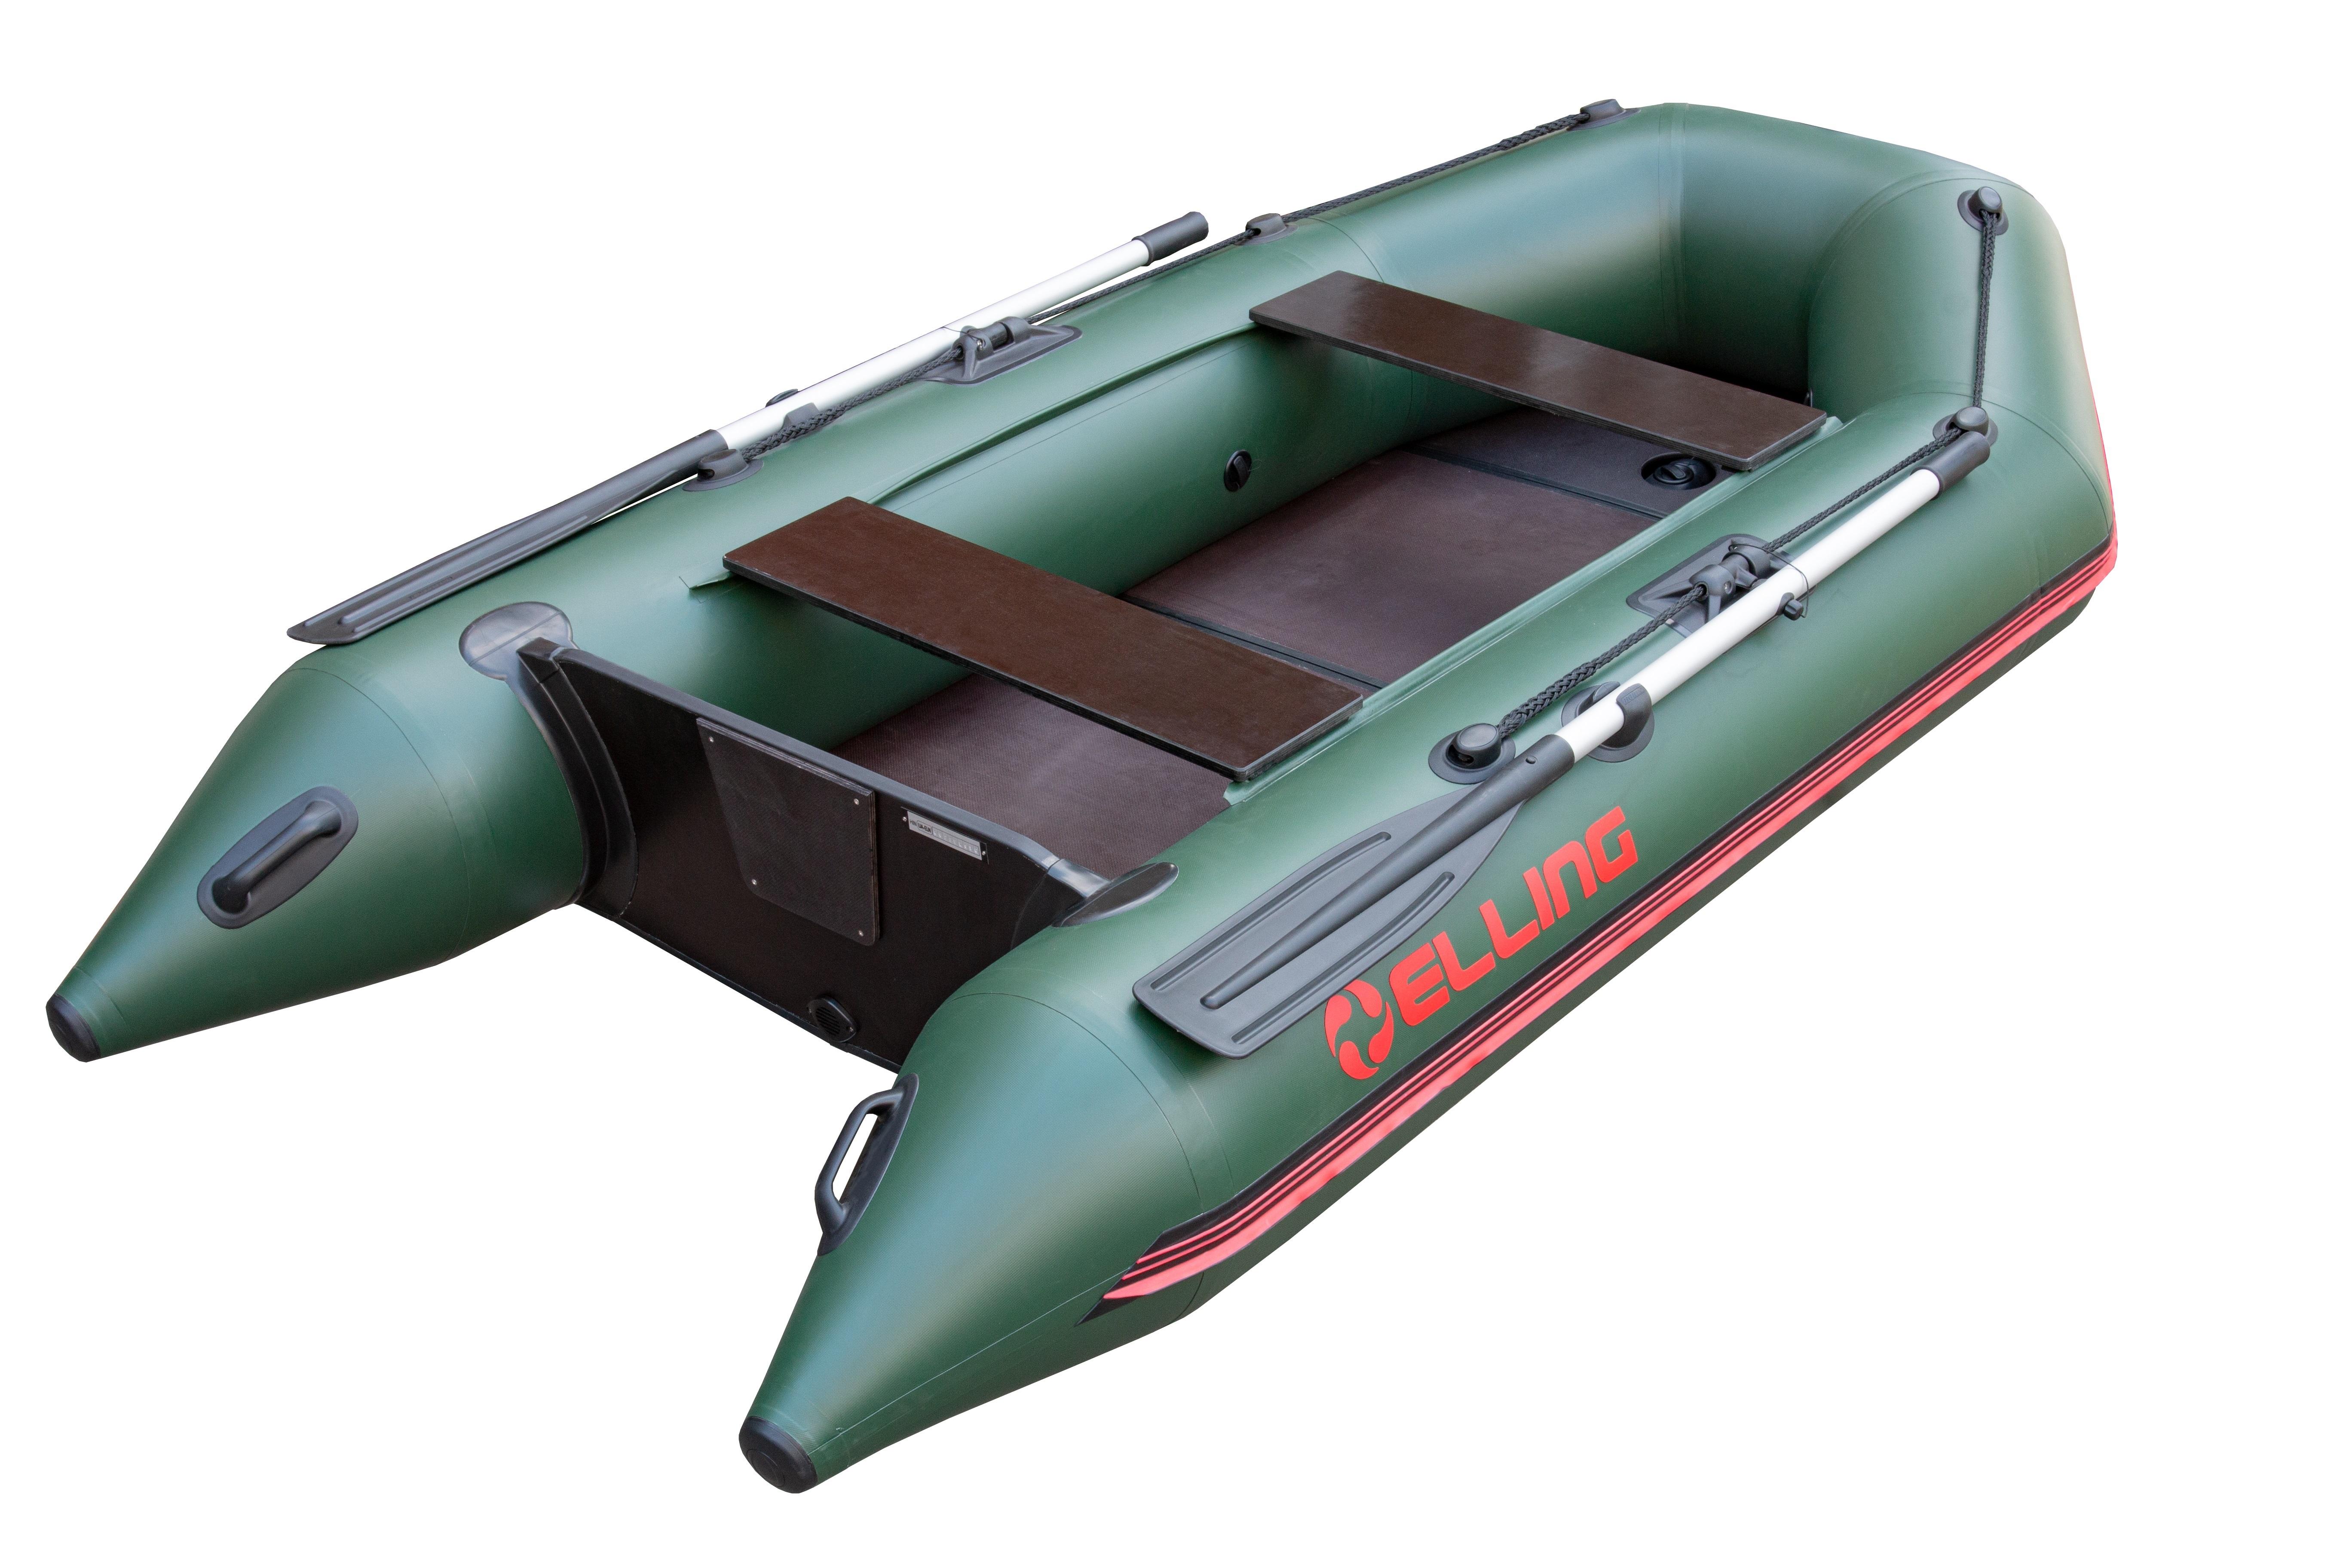 Nafukovací čluny Elling - Patriot 310 s pevnou skládací podlahou, zelený